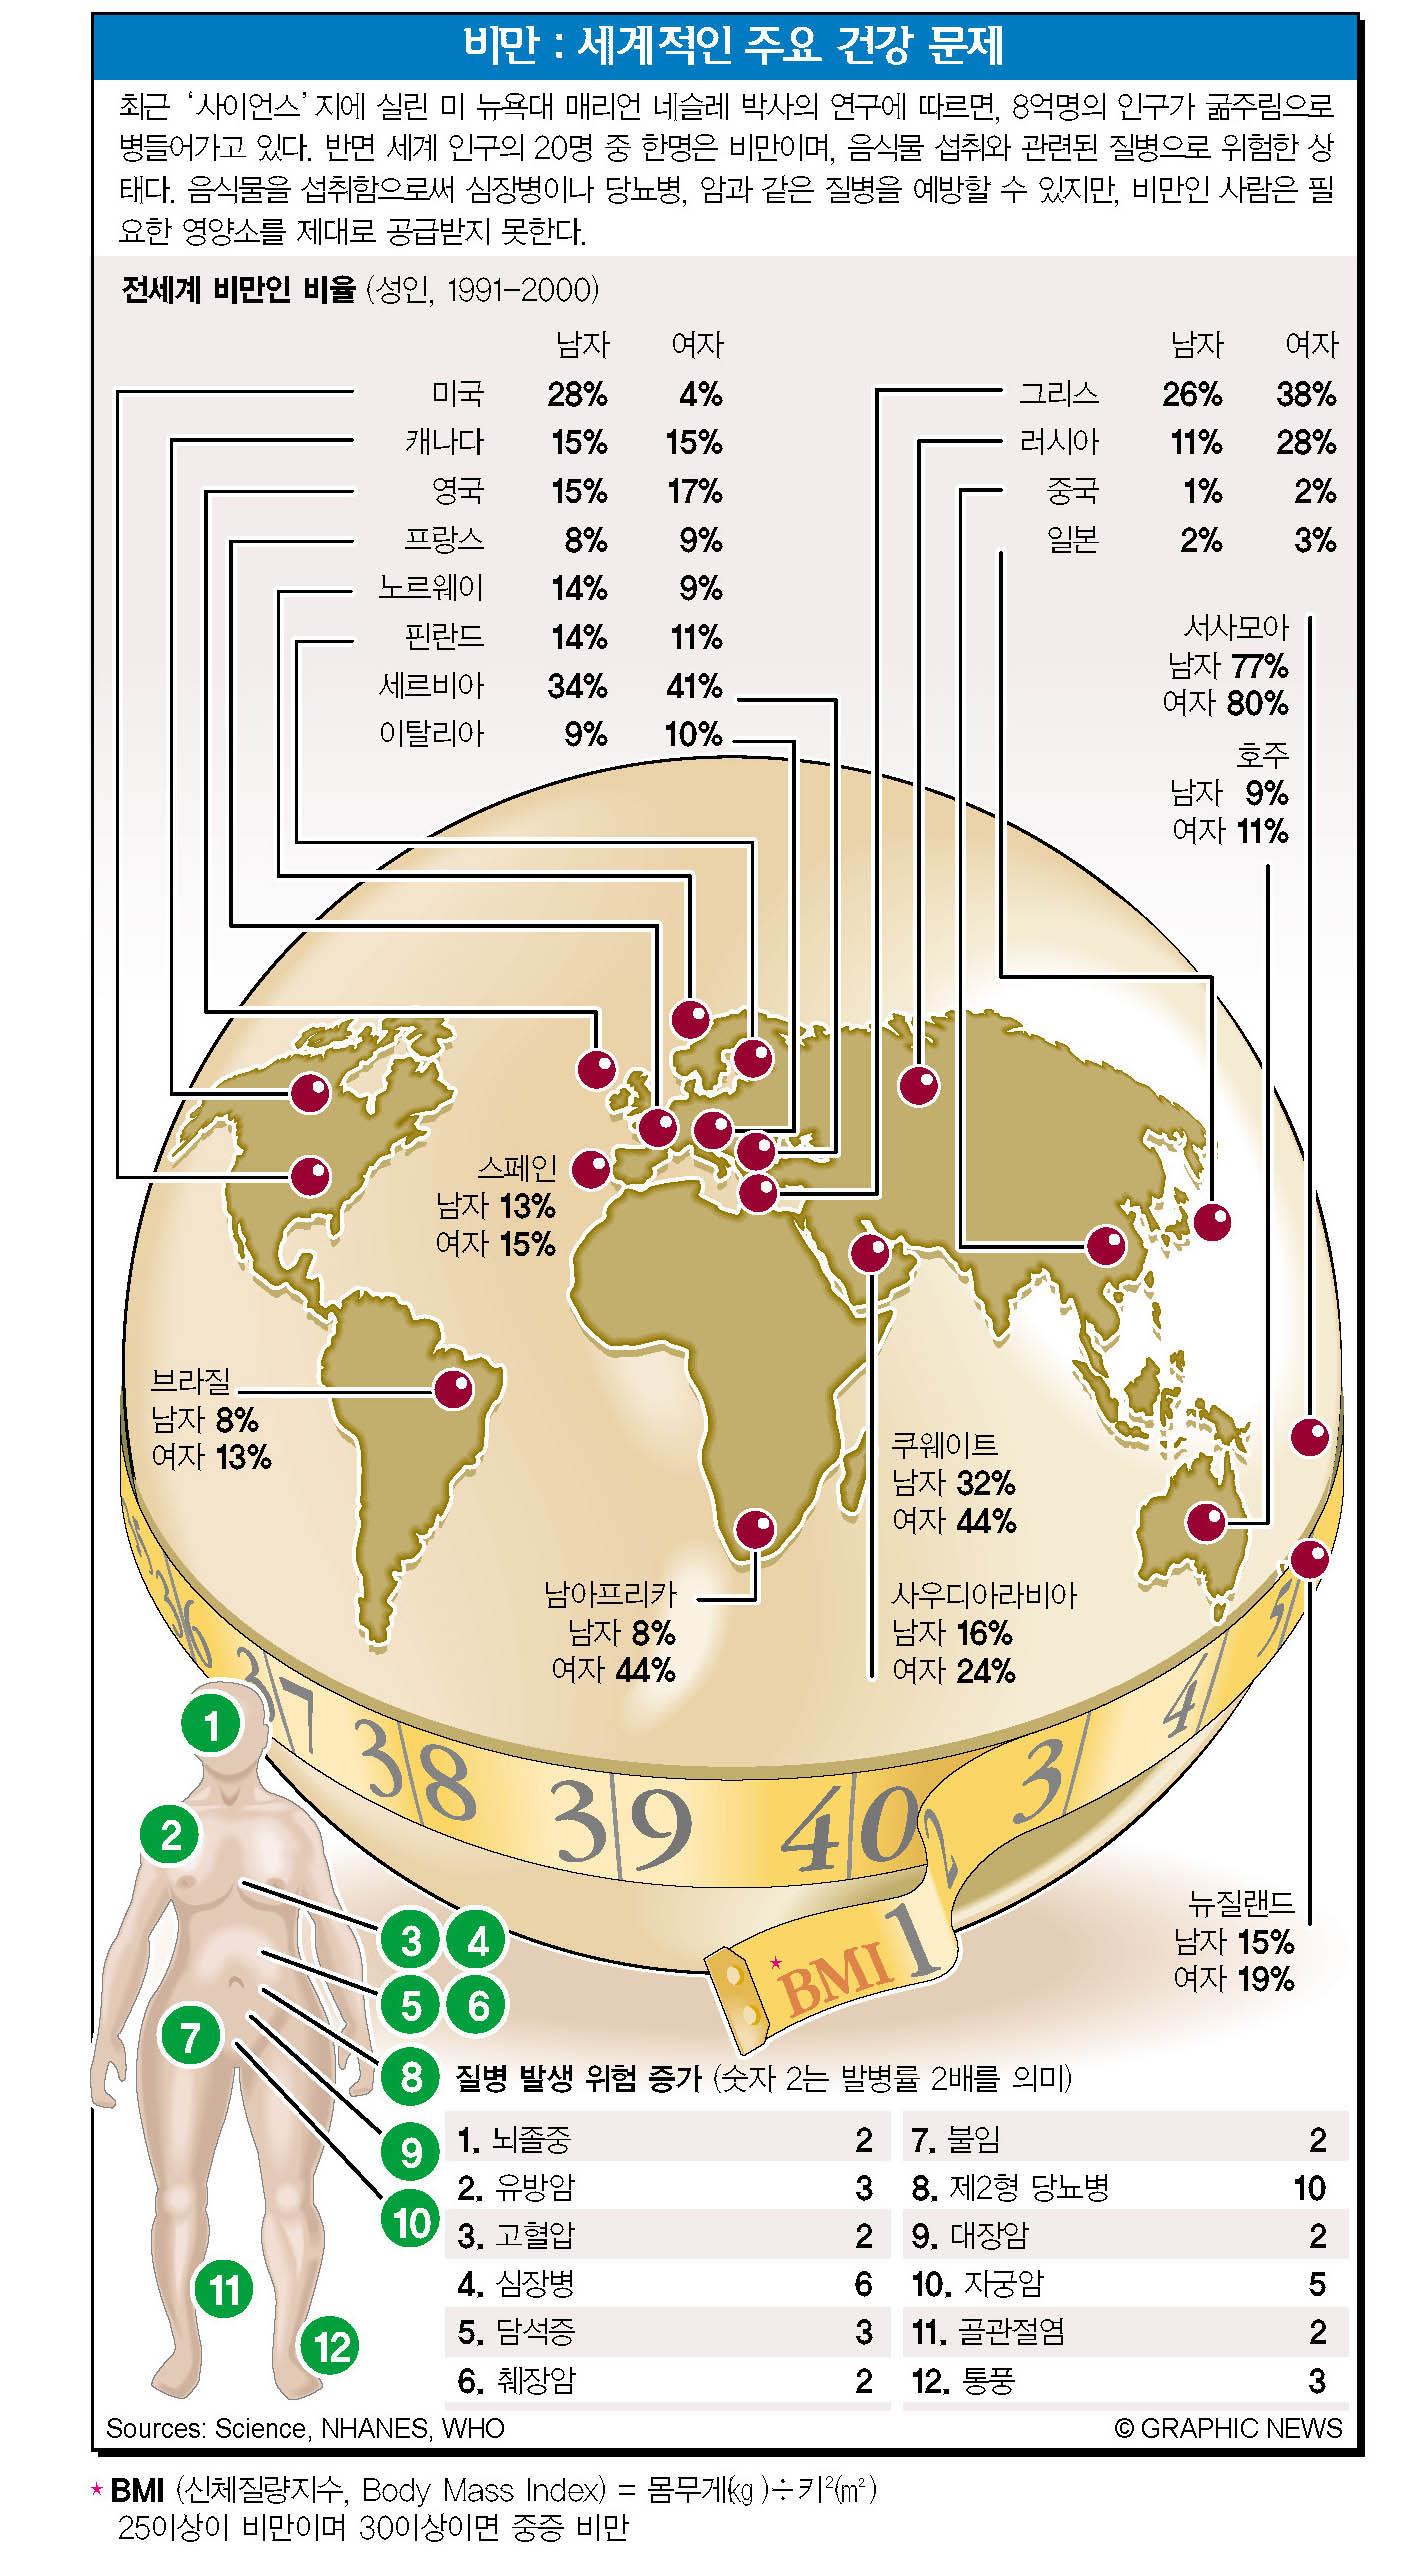 비만: 세계적인 주요 건강 문제